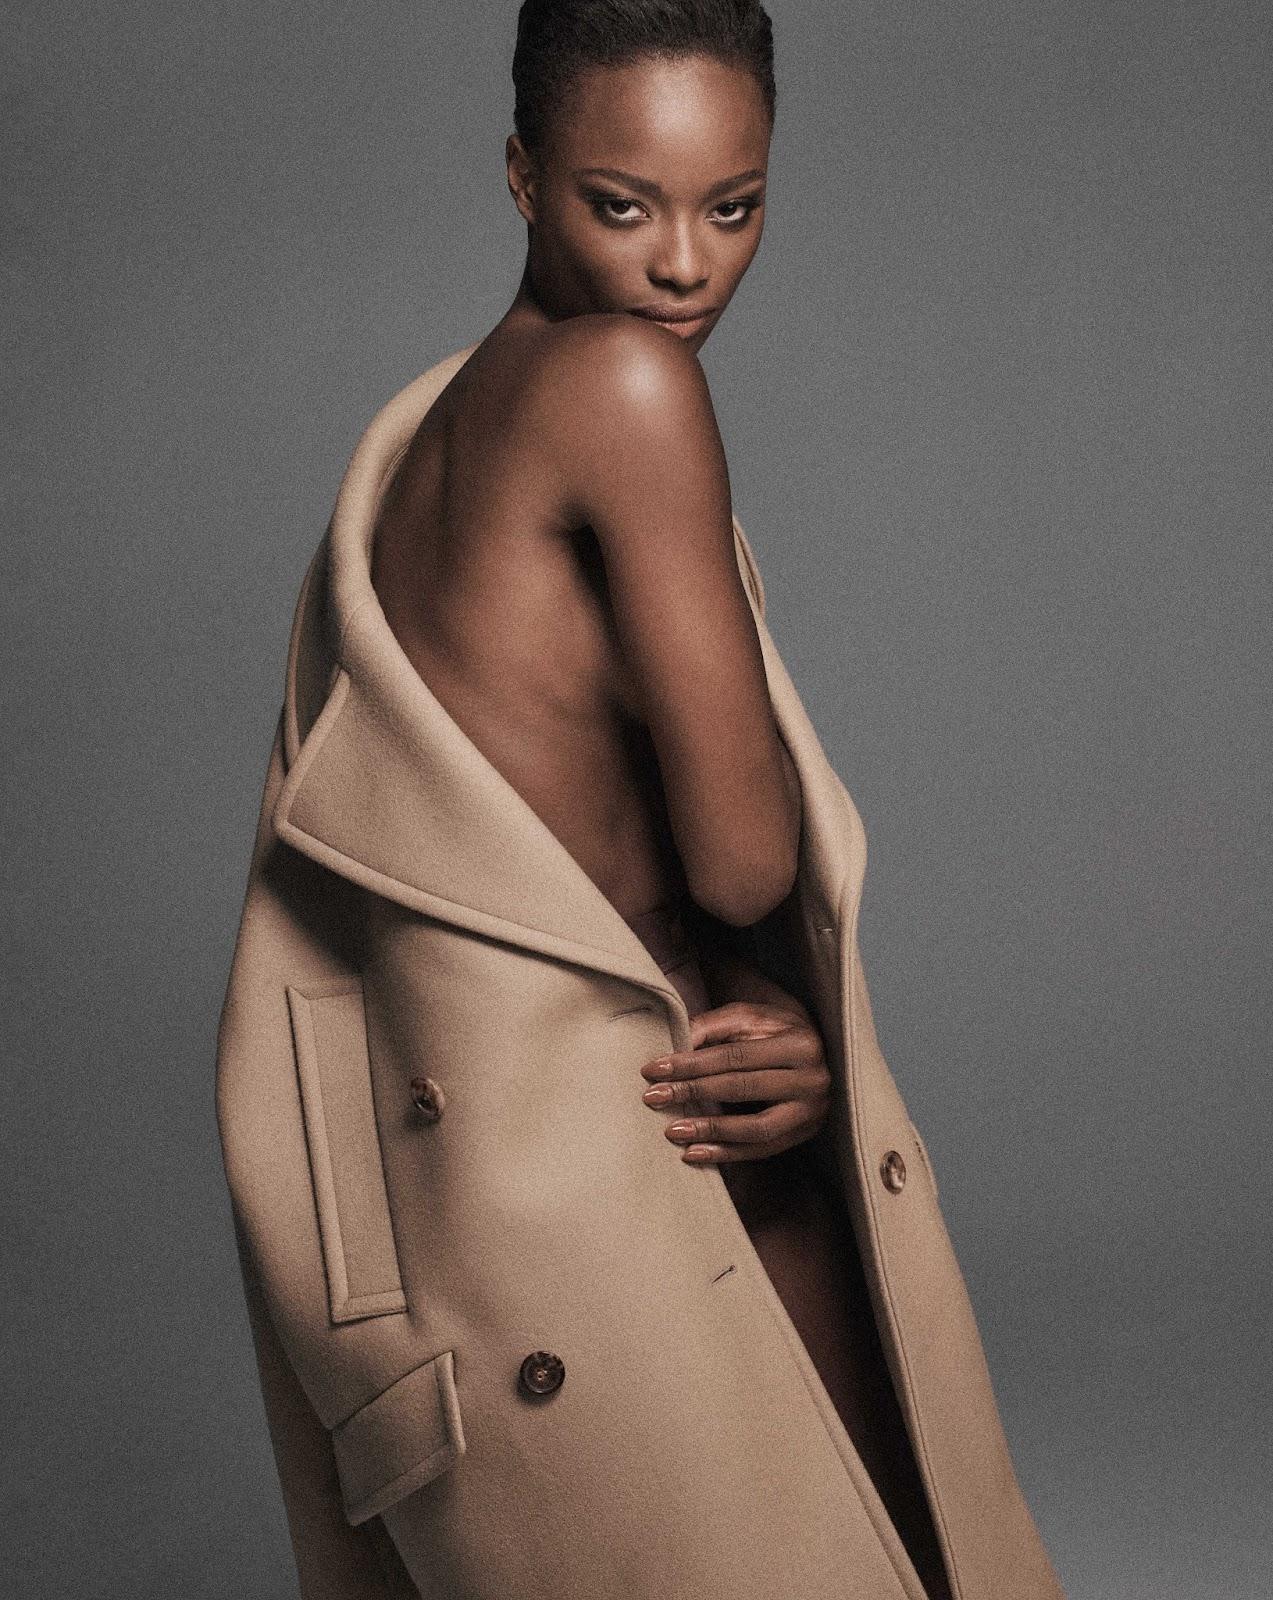 Mayowa Nicholas in Elle US September 2021 by Chris Colls